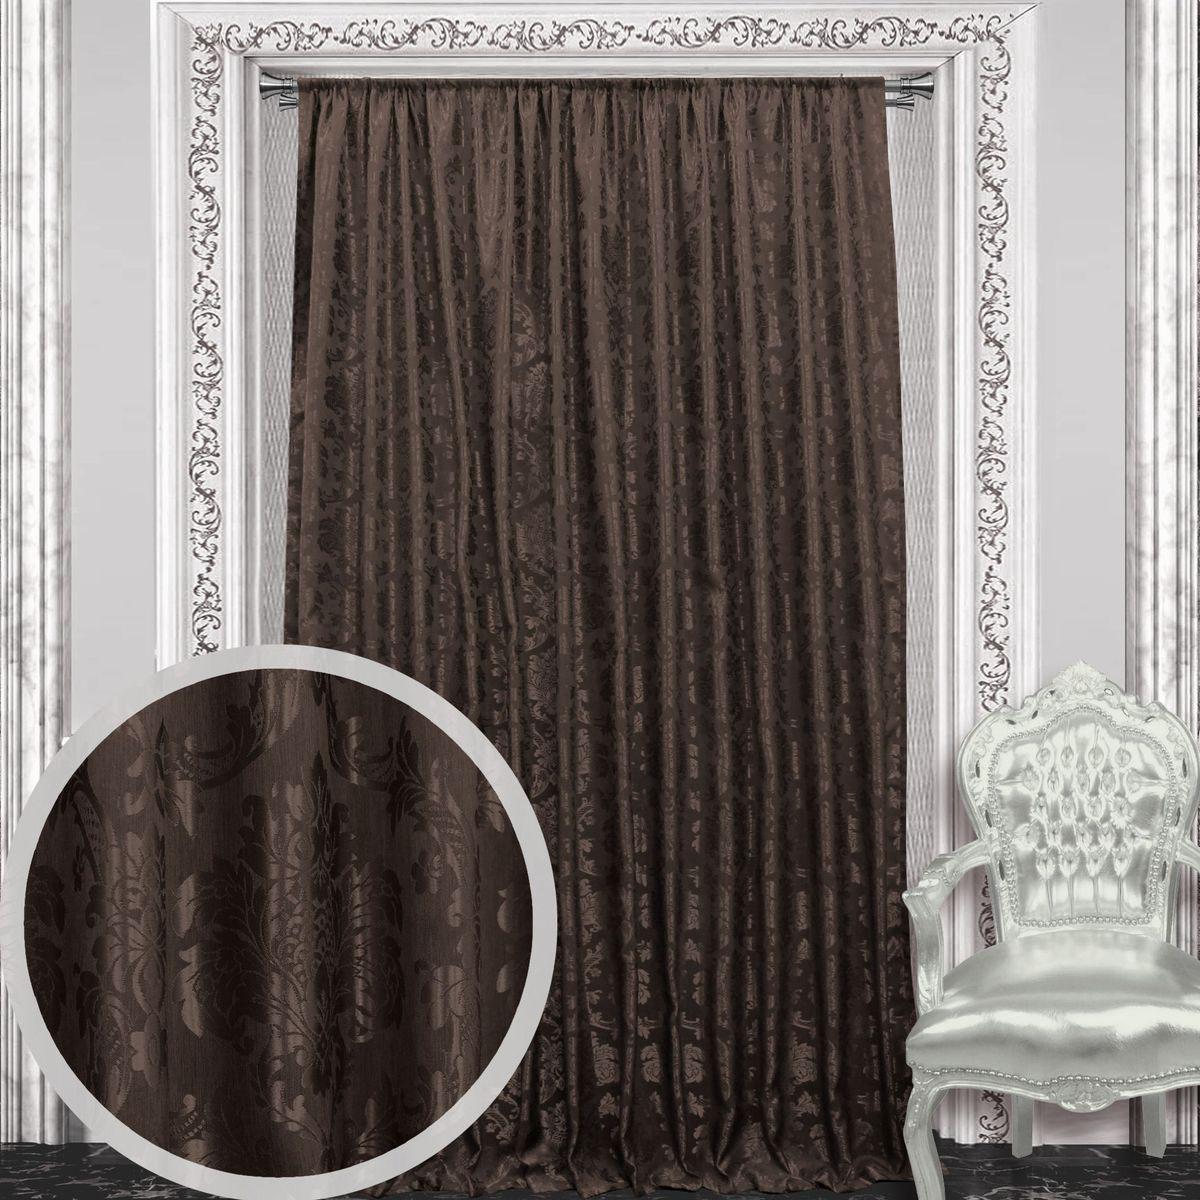 Штора Amore 200 х 270 см, 1 шт., цвет: коричневый. 860531004900000360Штора Amore Mio с роскошным рисунком изготовлена из 100% полиэстера. Полиэстер - вид ткани, состоящий из полиэфирных волокон. Ткани из полиэстера легкие, прочные и износостойкие. Такие изделия не требуют специального ухода, не пылятся и почти не мнутся.Крепление к карнизу осуществляется при помощи вшитой шторной ленты.